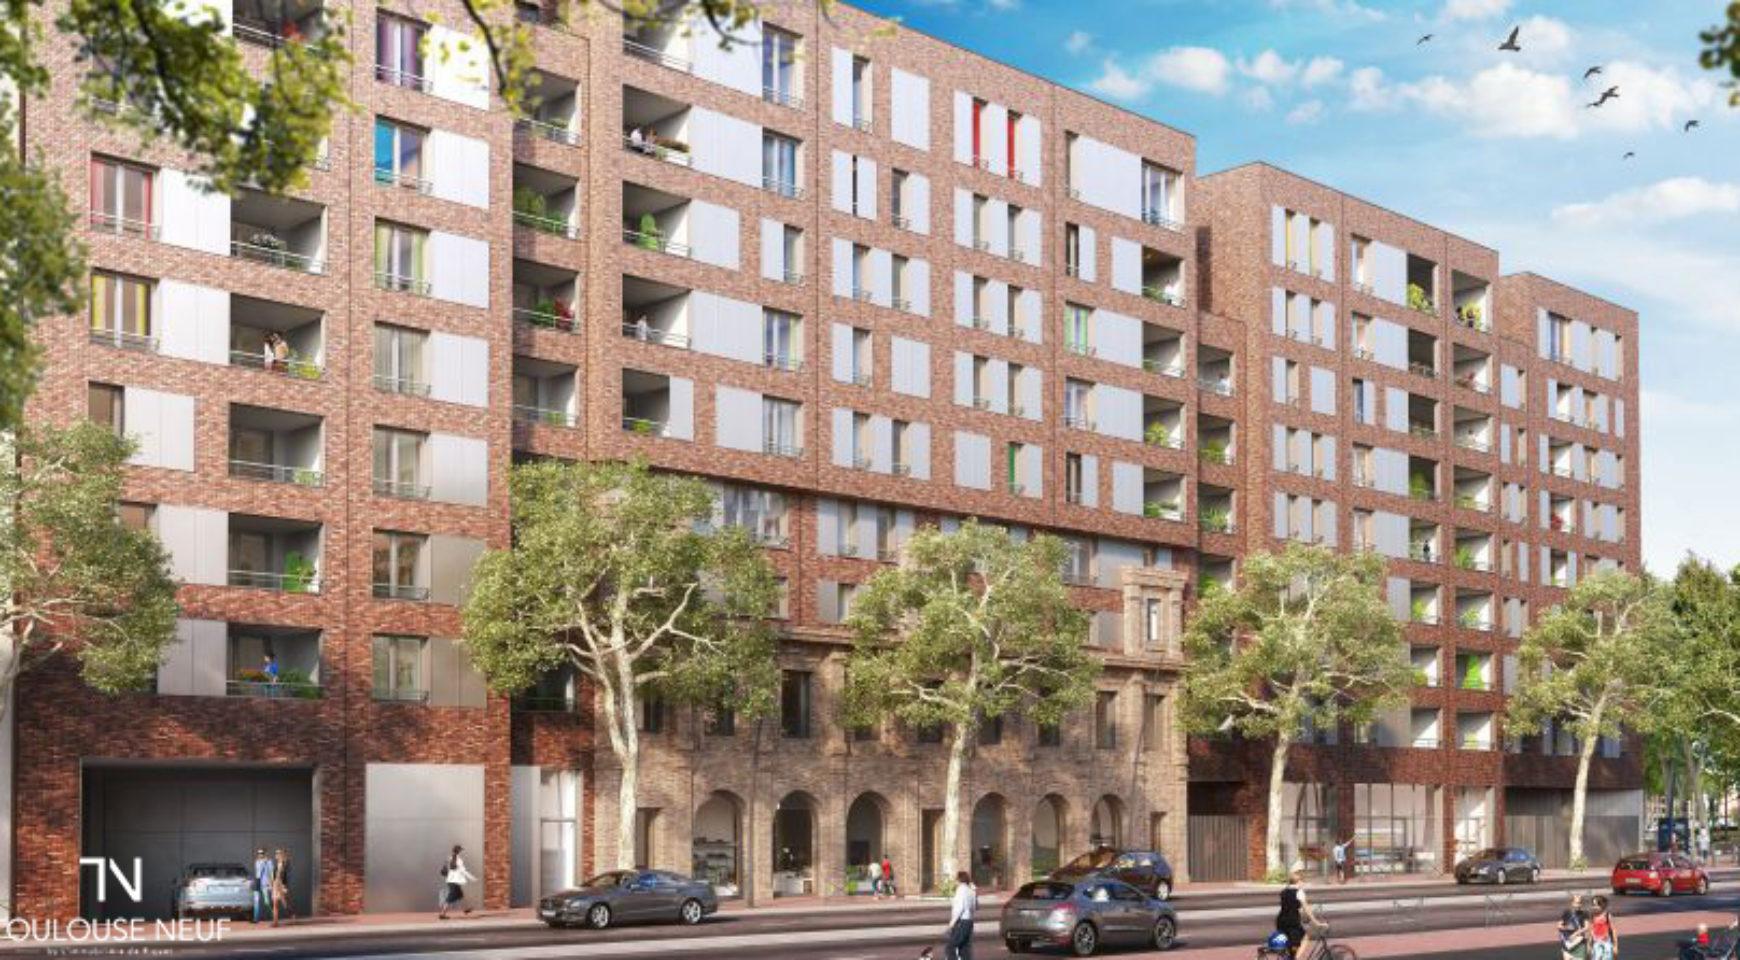 Acheter un bien immobilier à Toulouse: un investissement rentable